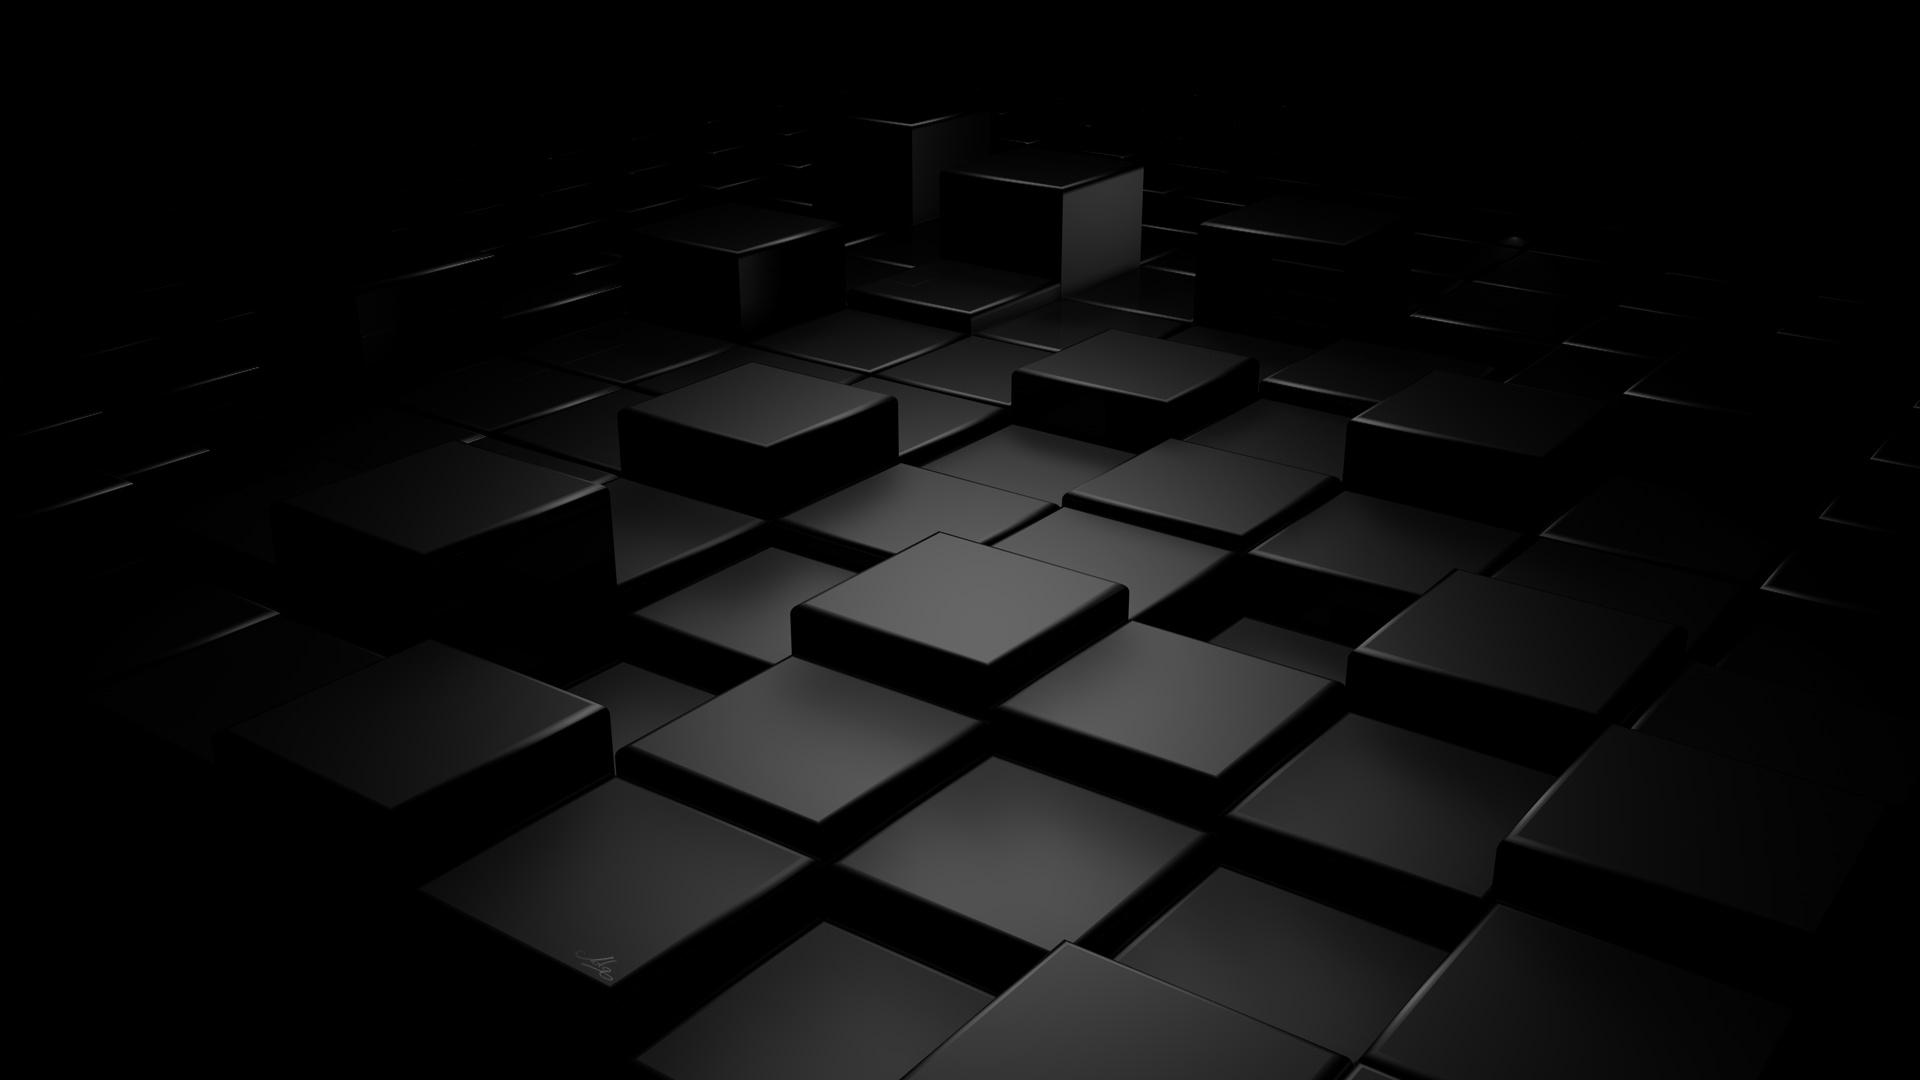 Hình nền màu đen 3d cực đẹp cho máy tính